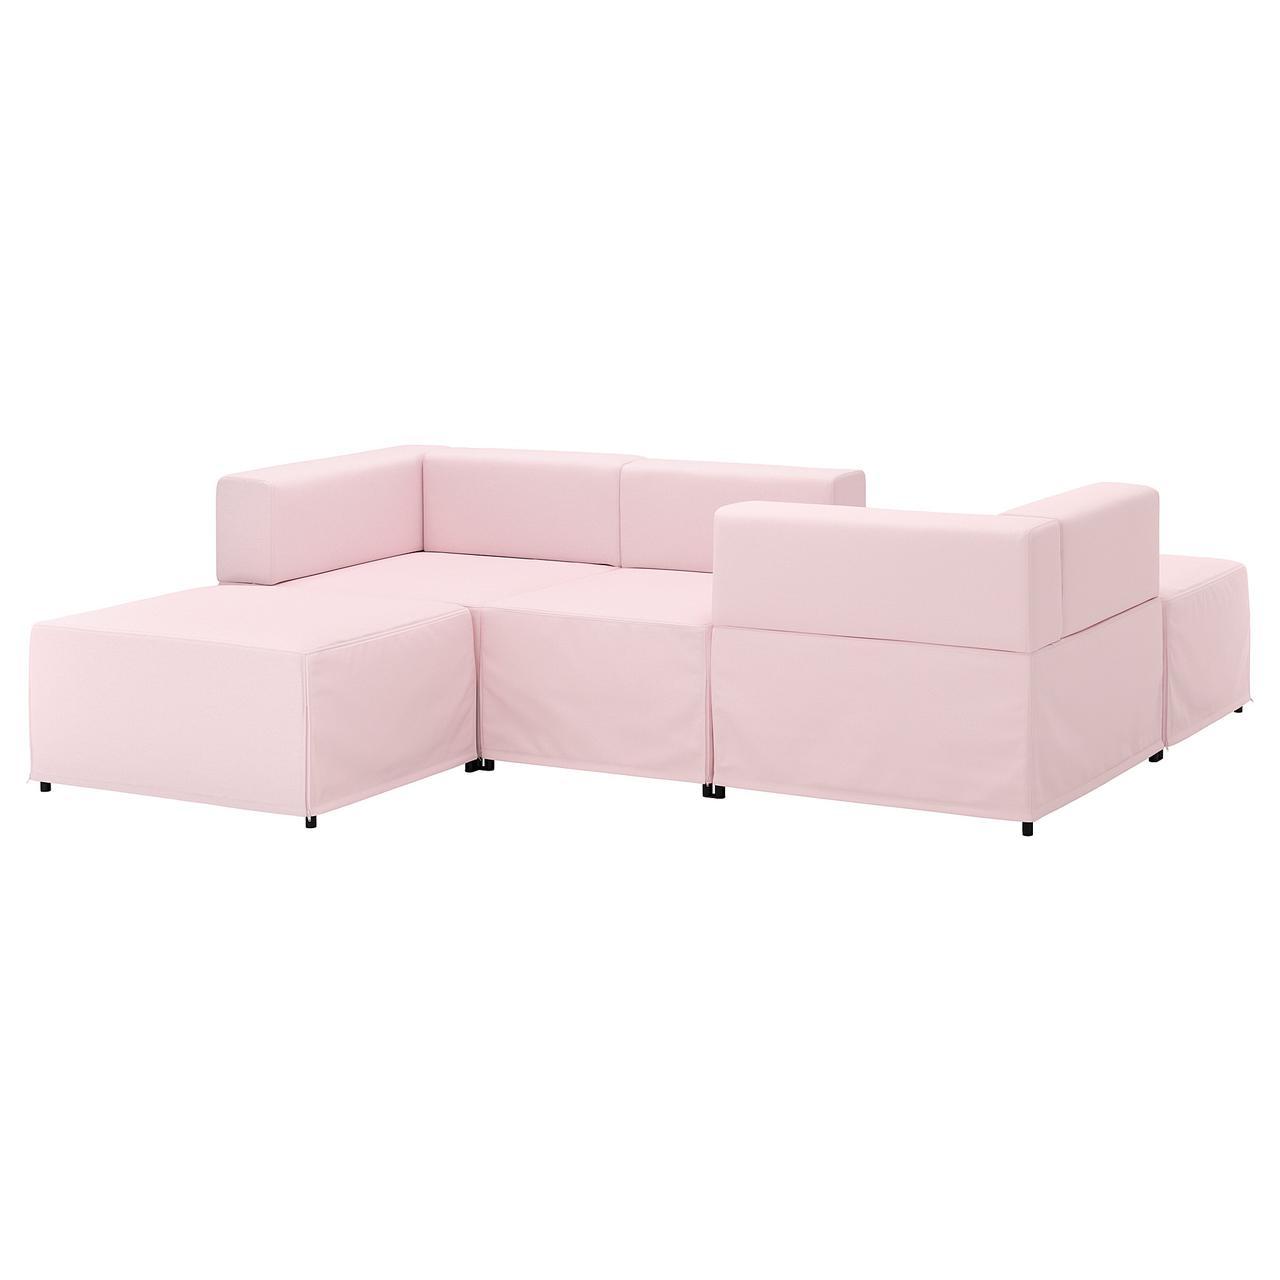 Диван IKEA KUNGSHAMN модульный 3-местный Idekulla розовый 792.513.97